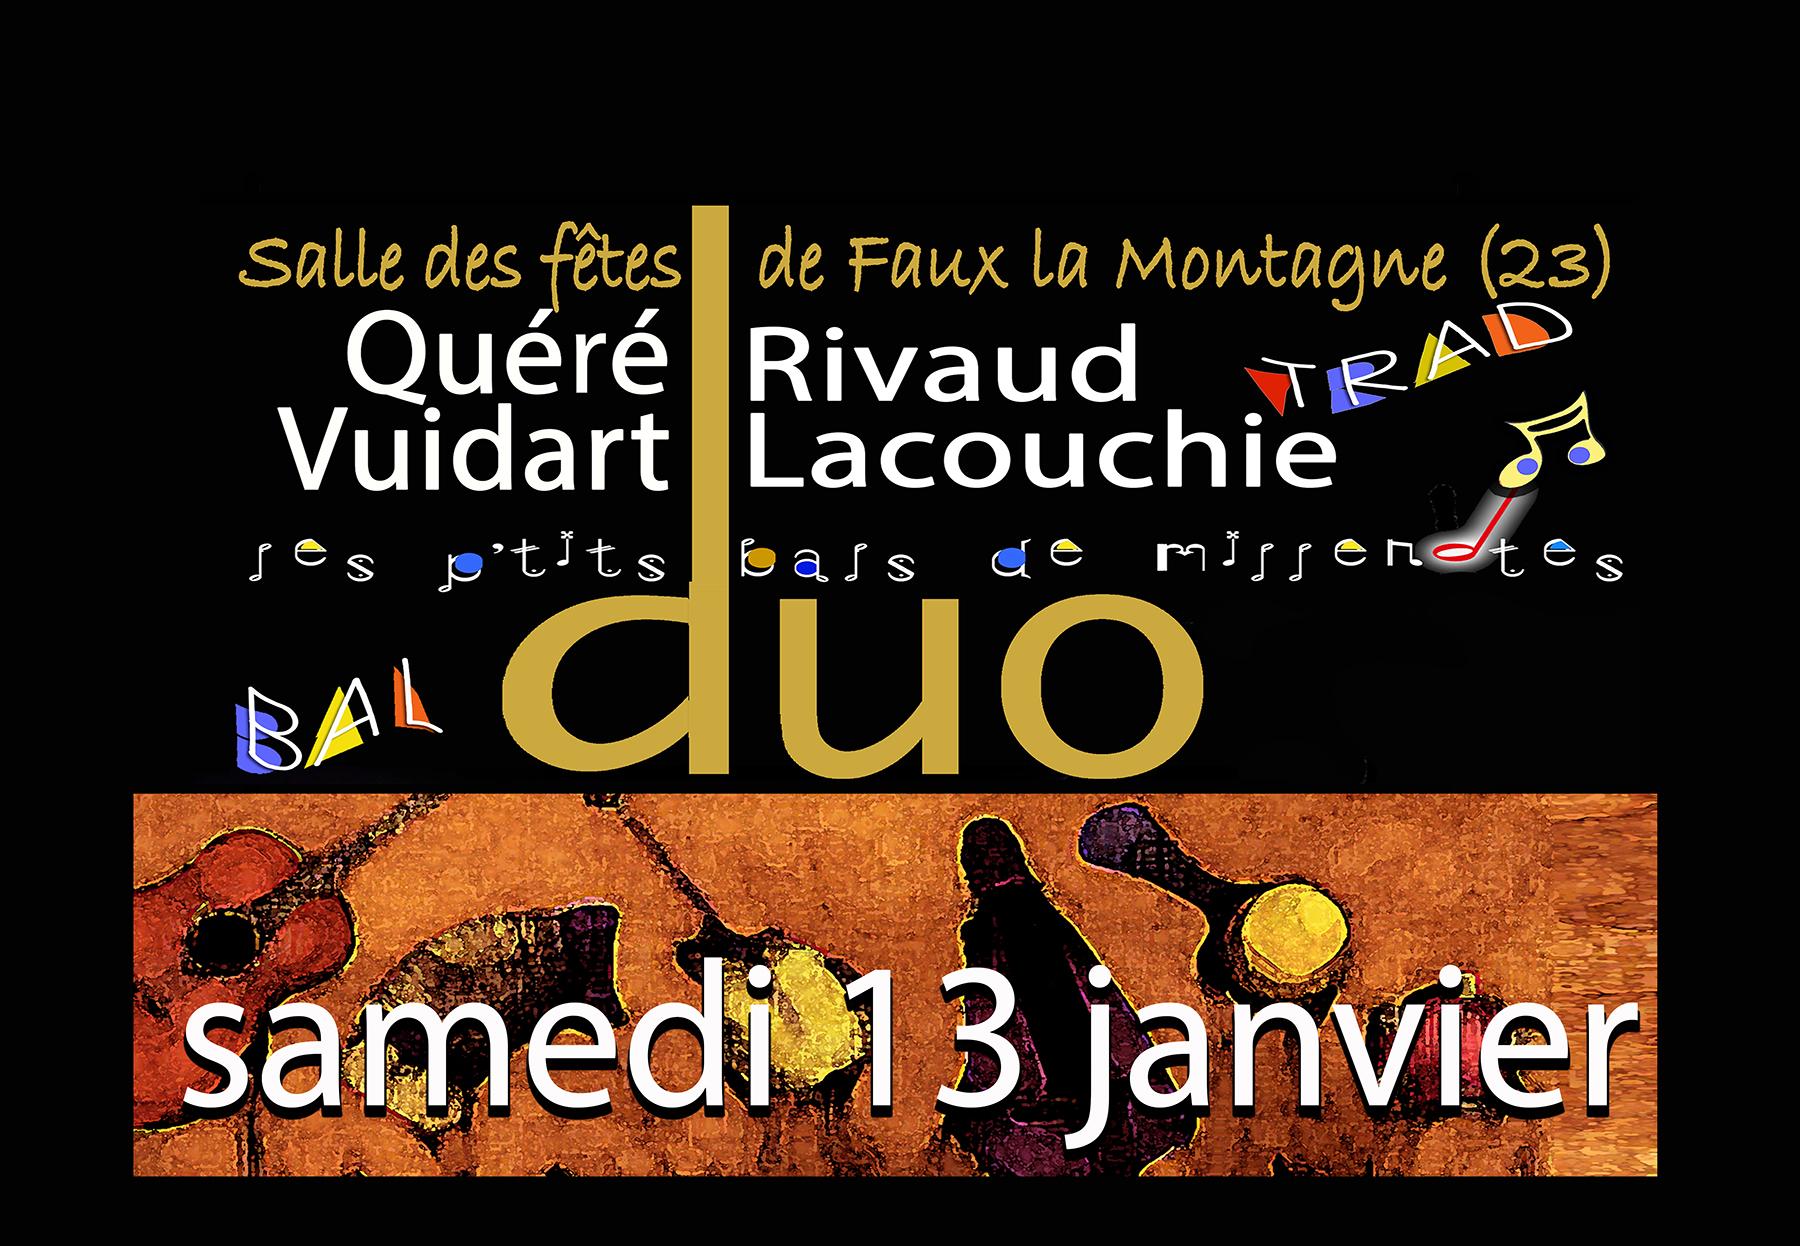 Quéré-Vuidart Rivaud-Lacouchie